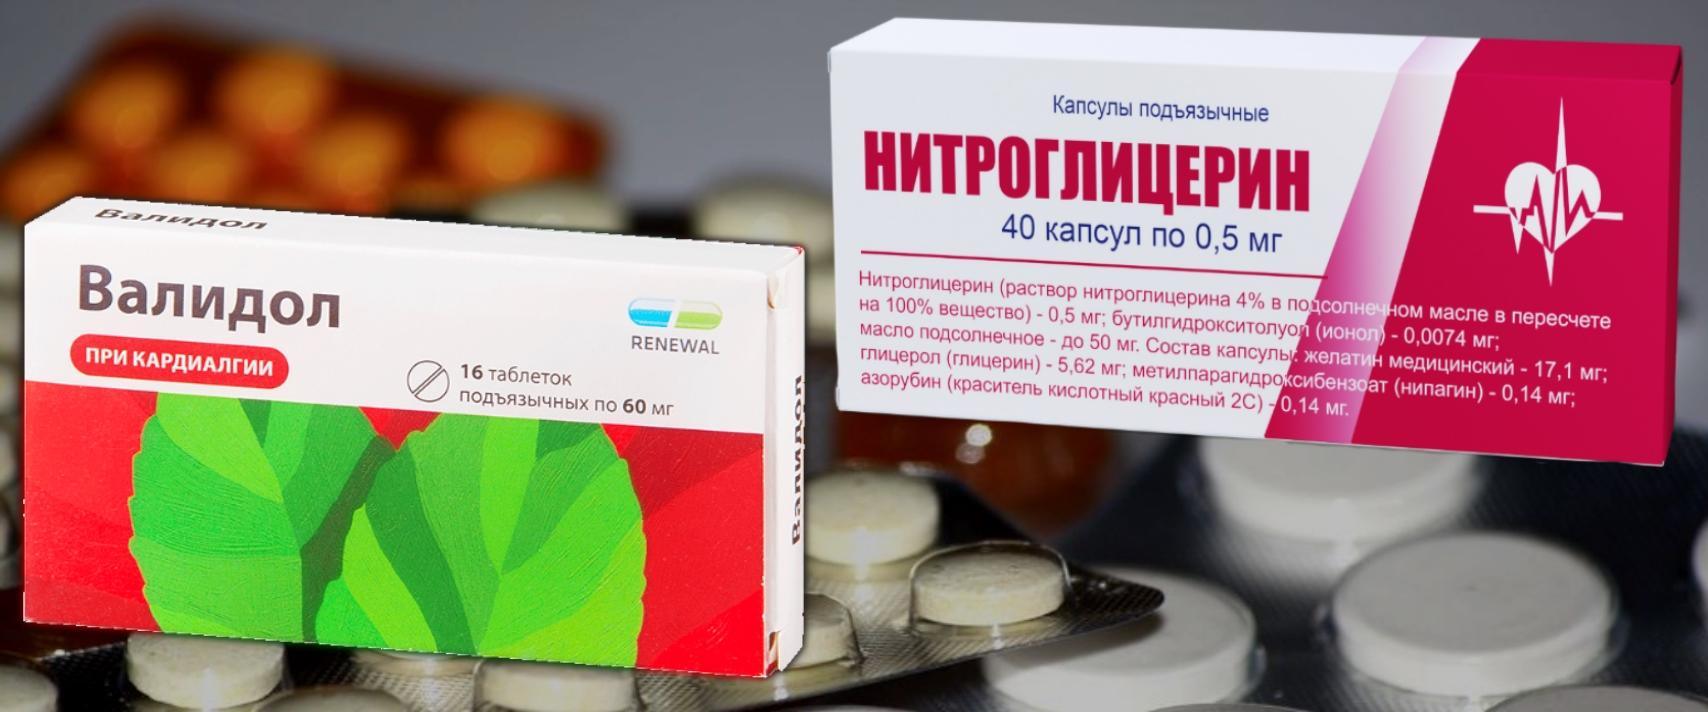 Применение валидола при тахикардии: эффективность и правила применения